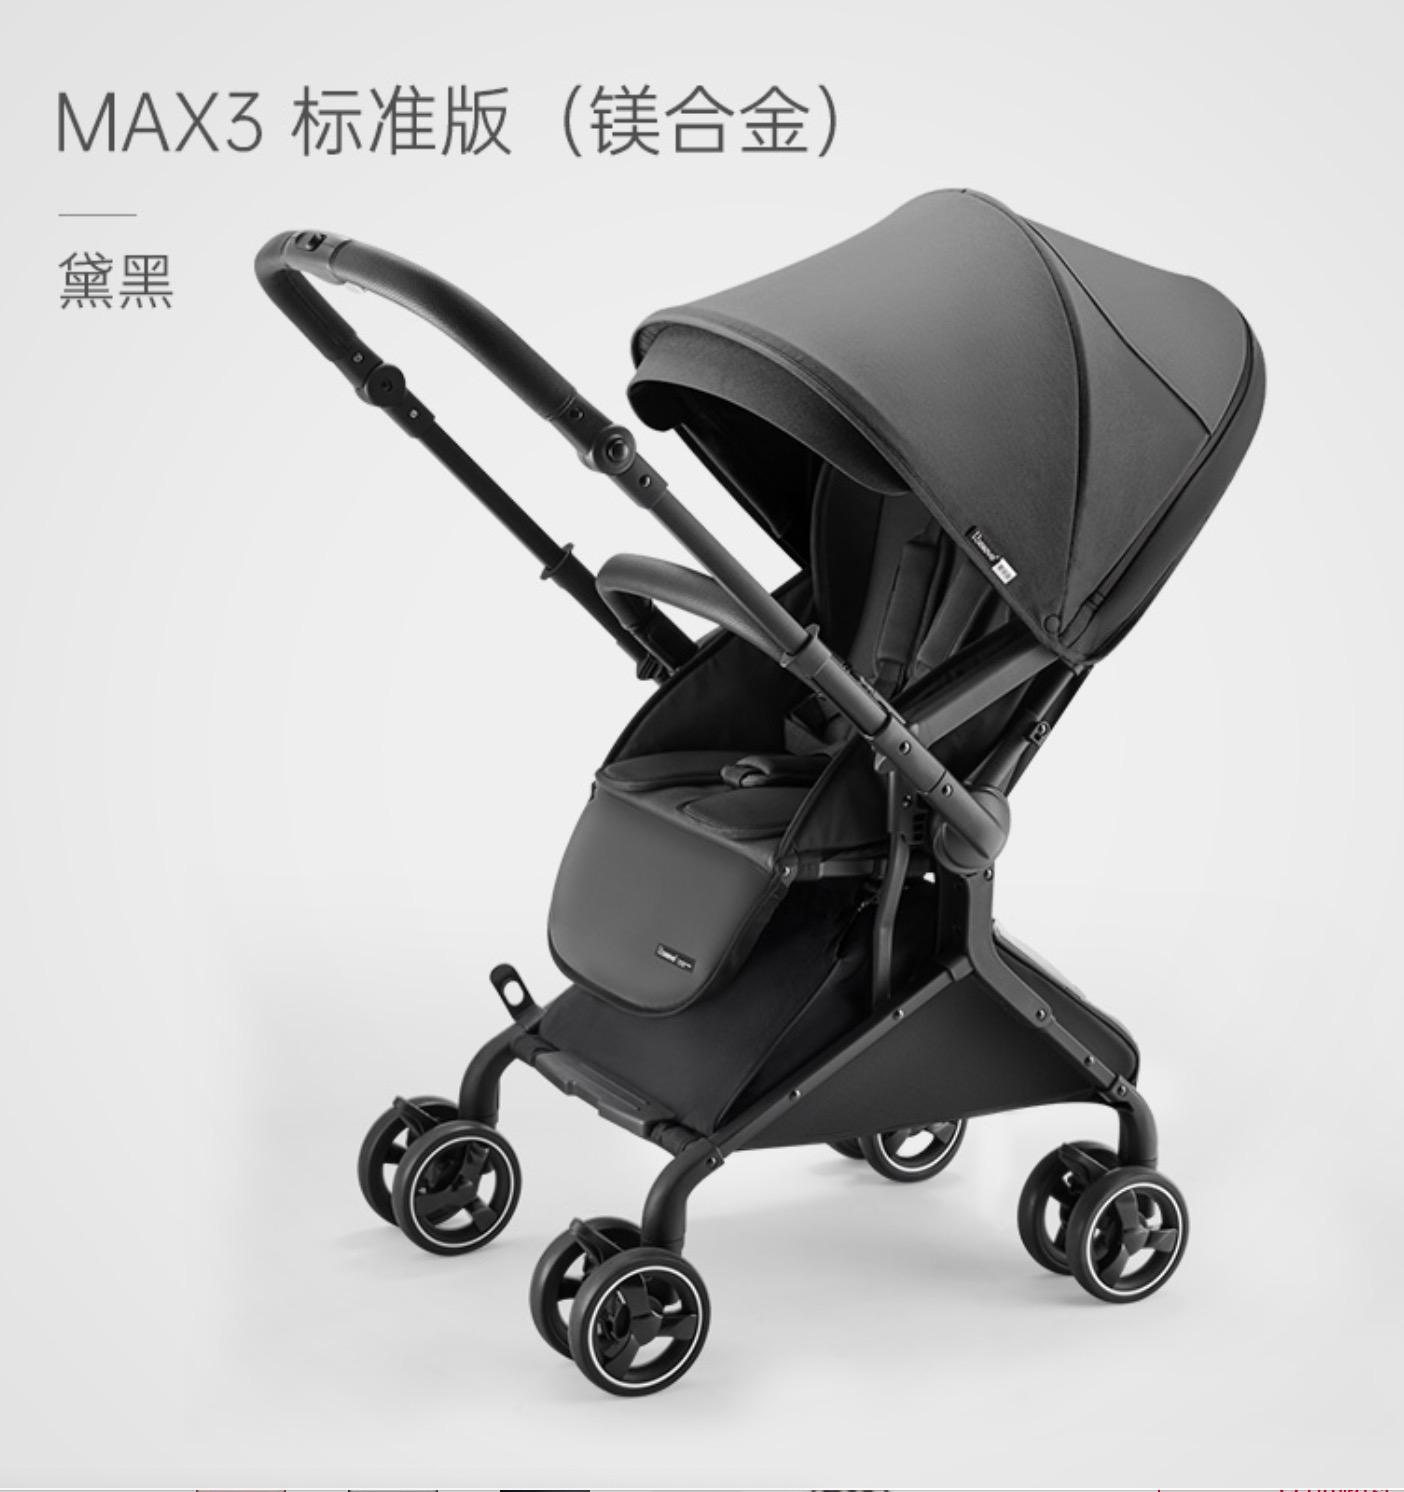 ibelieve爱贝丽 MAX婴儿推车双向高景观可坐躺手推车 MAX3 标准版 黛黑(全镁合金 座宽36cm)